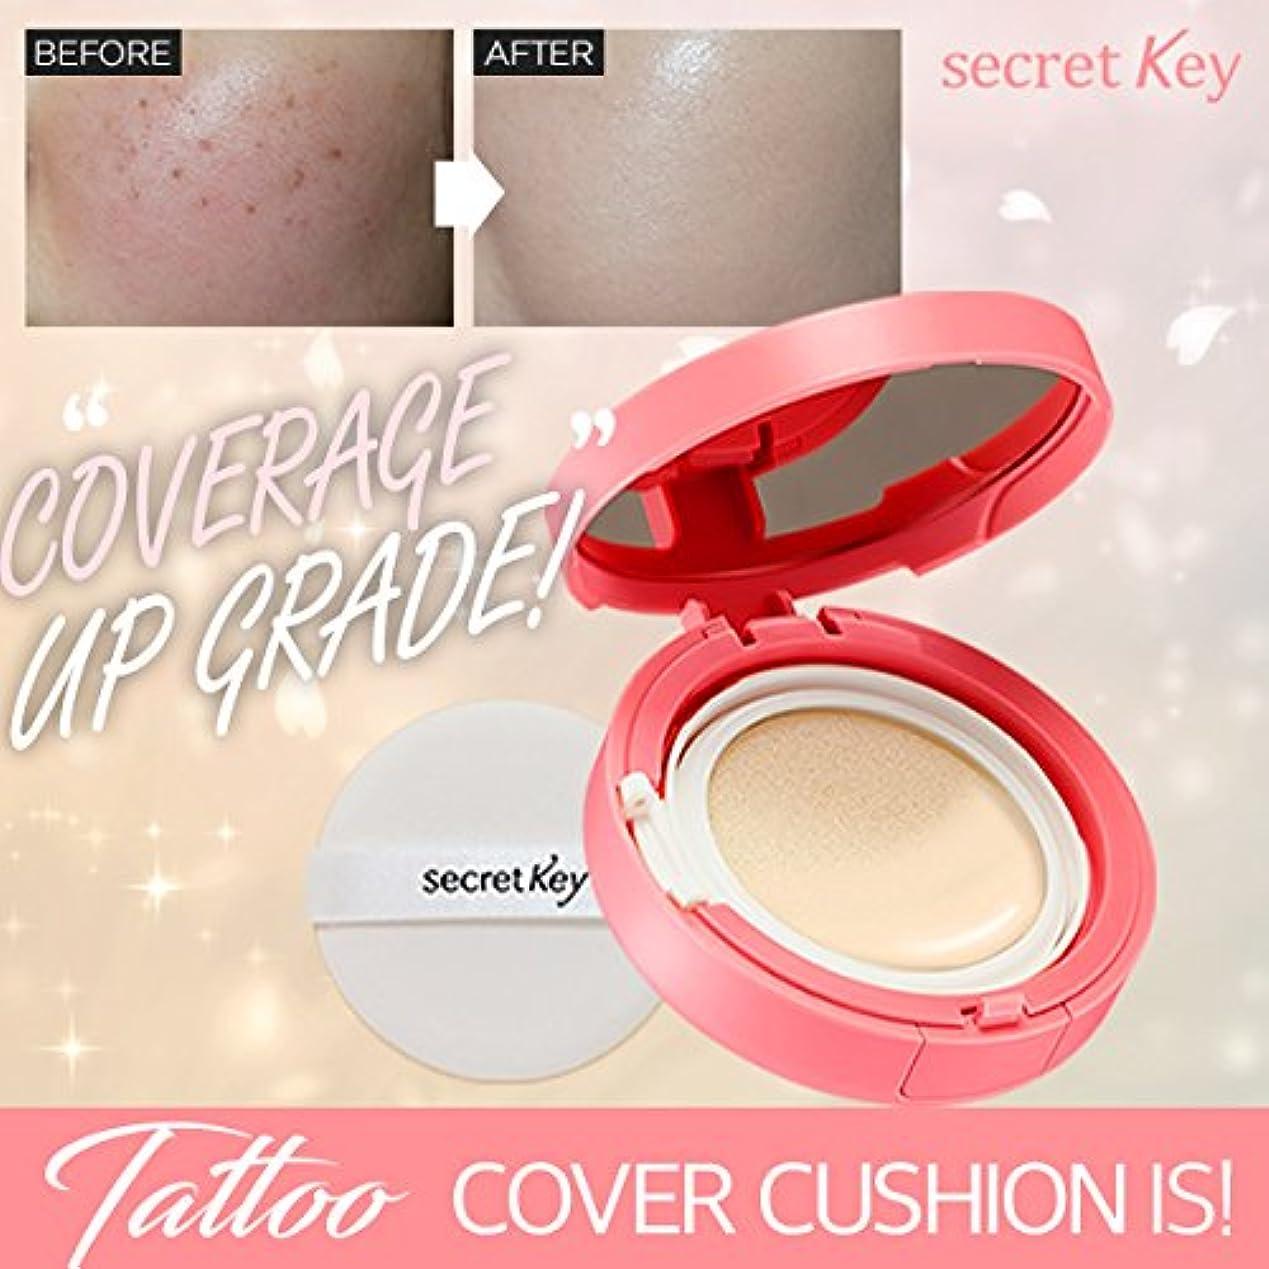 返還中止しますペースSecretkey シークレットキー タトゥーカバークッション14g ピンクエディション 期間限定 Tattoo Cover Cushion Pink Edition 海外直送品 (ナチュラルベージュ23号)